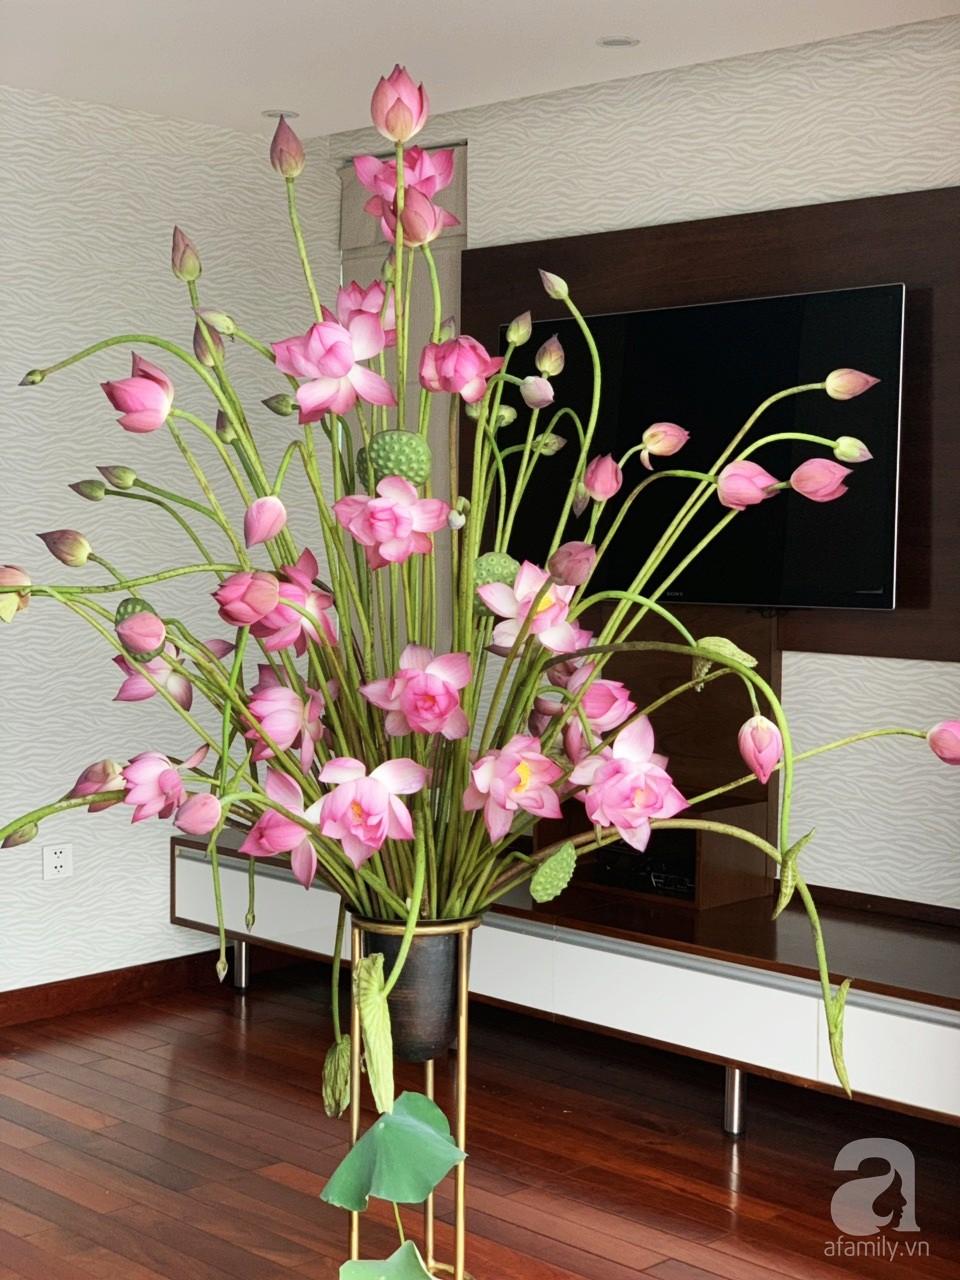 Níu giữ hương mùa hạ với những bình hoa sen đẹp dịu dàng trong tổ ấm của 3 người phụ nữ đảm tại Hà Nội - Hình 11